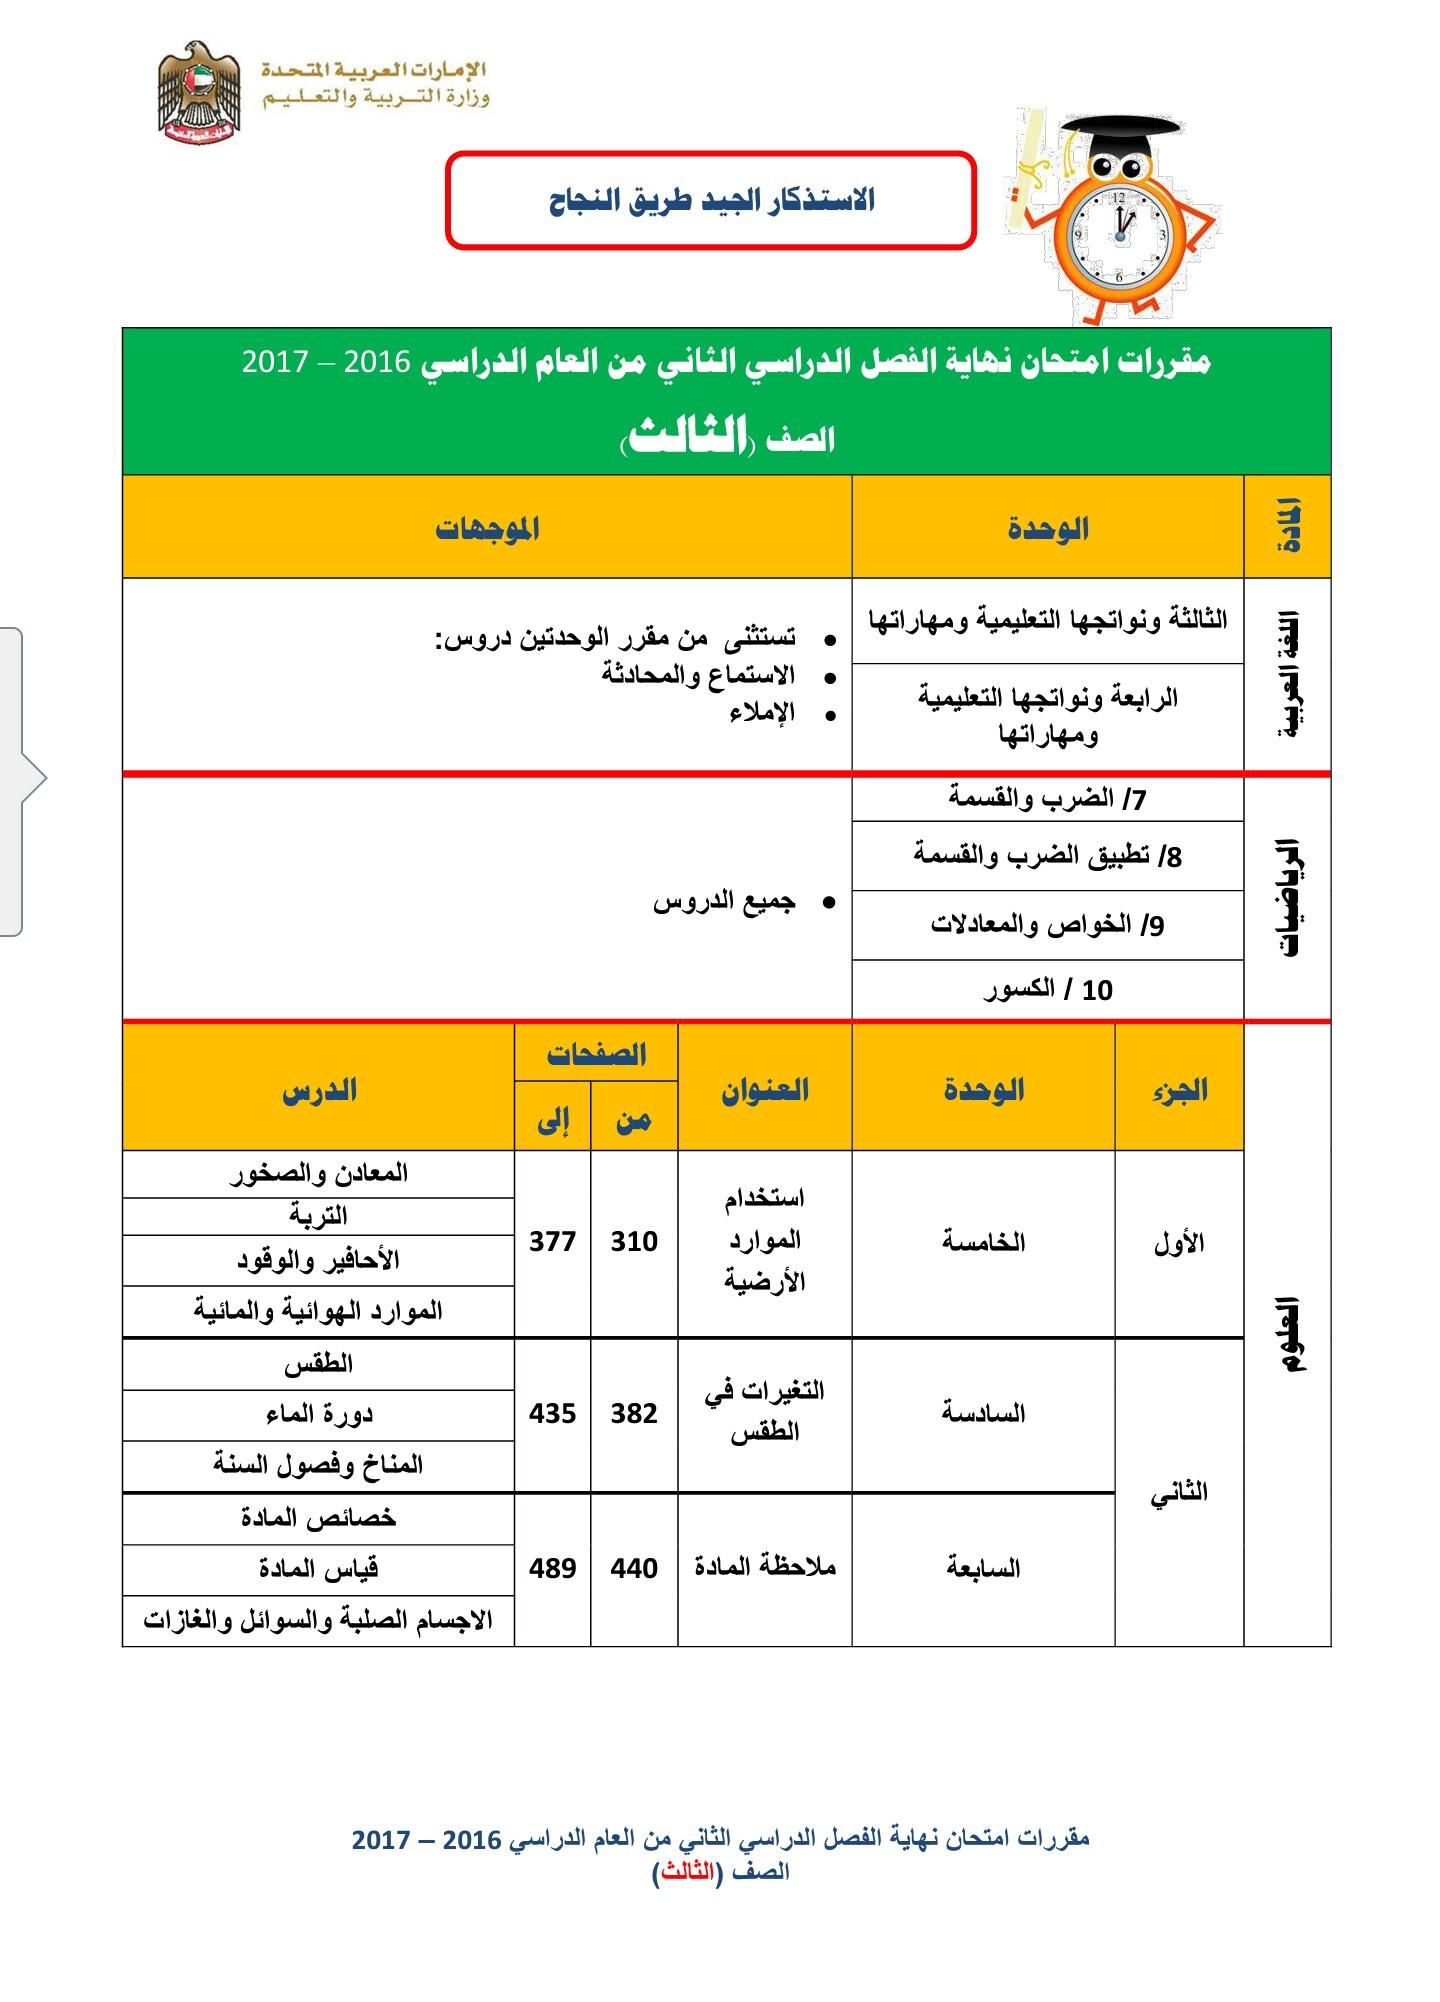 مقررات امتحان نهاية الفصل الدراسي الثاني لصف الثالث في الامارات